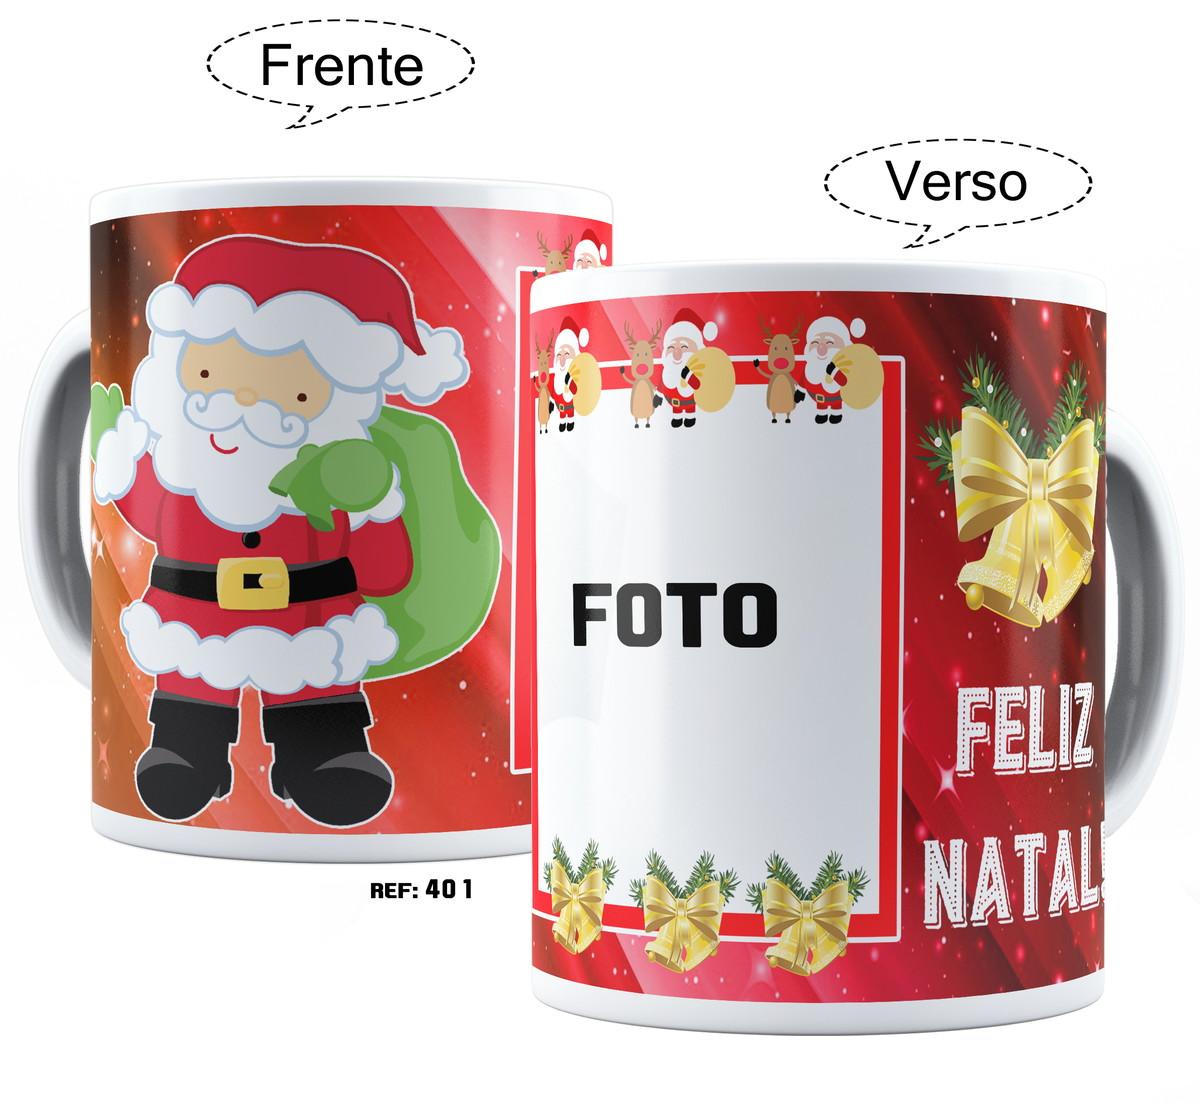 Caneca De Natal Com Foto E Frase Personalizada